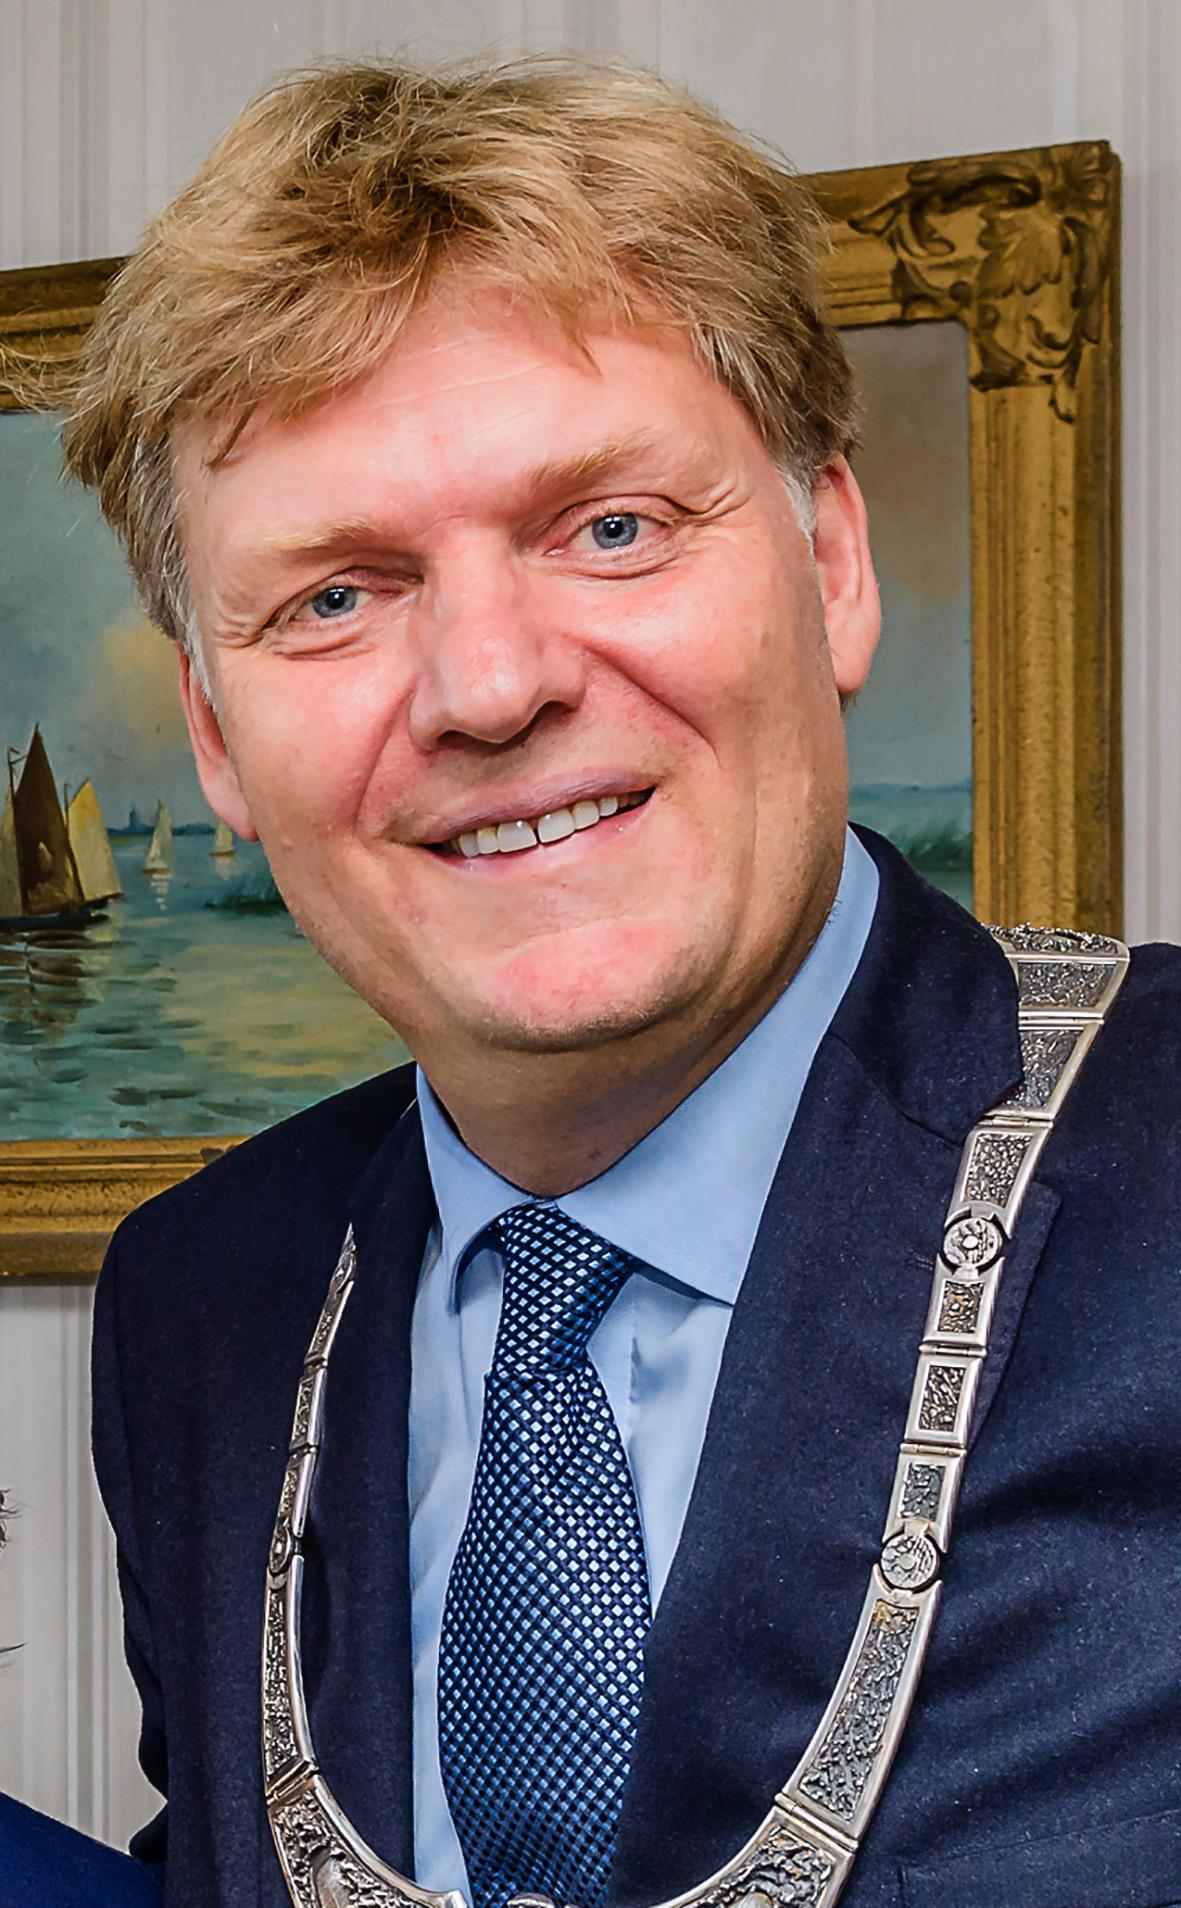 Burgemeester van Zaanstad wil definitieve oplossing voor Hemkade: 'Strijd moet nu echt stoppen'